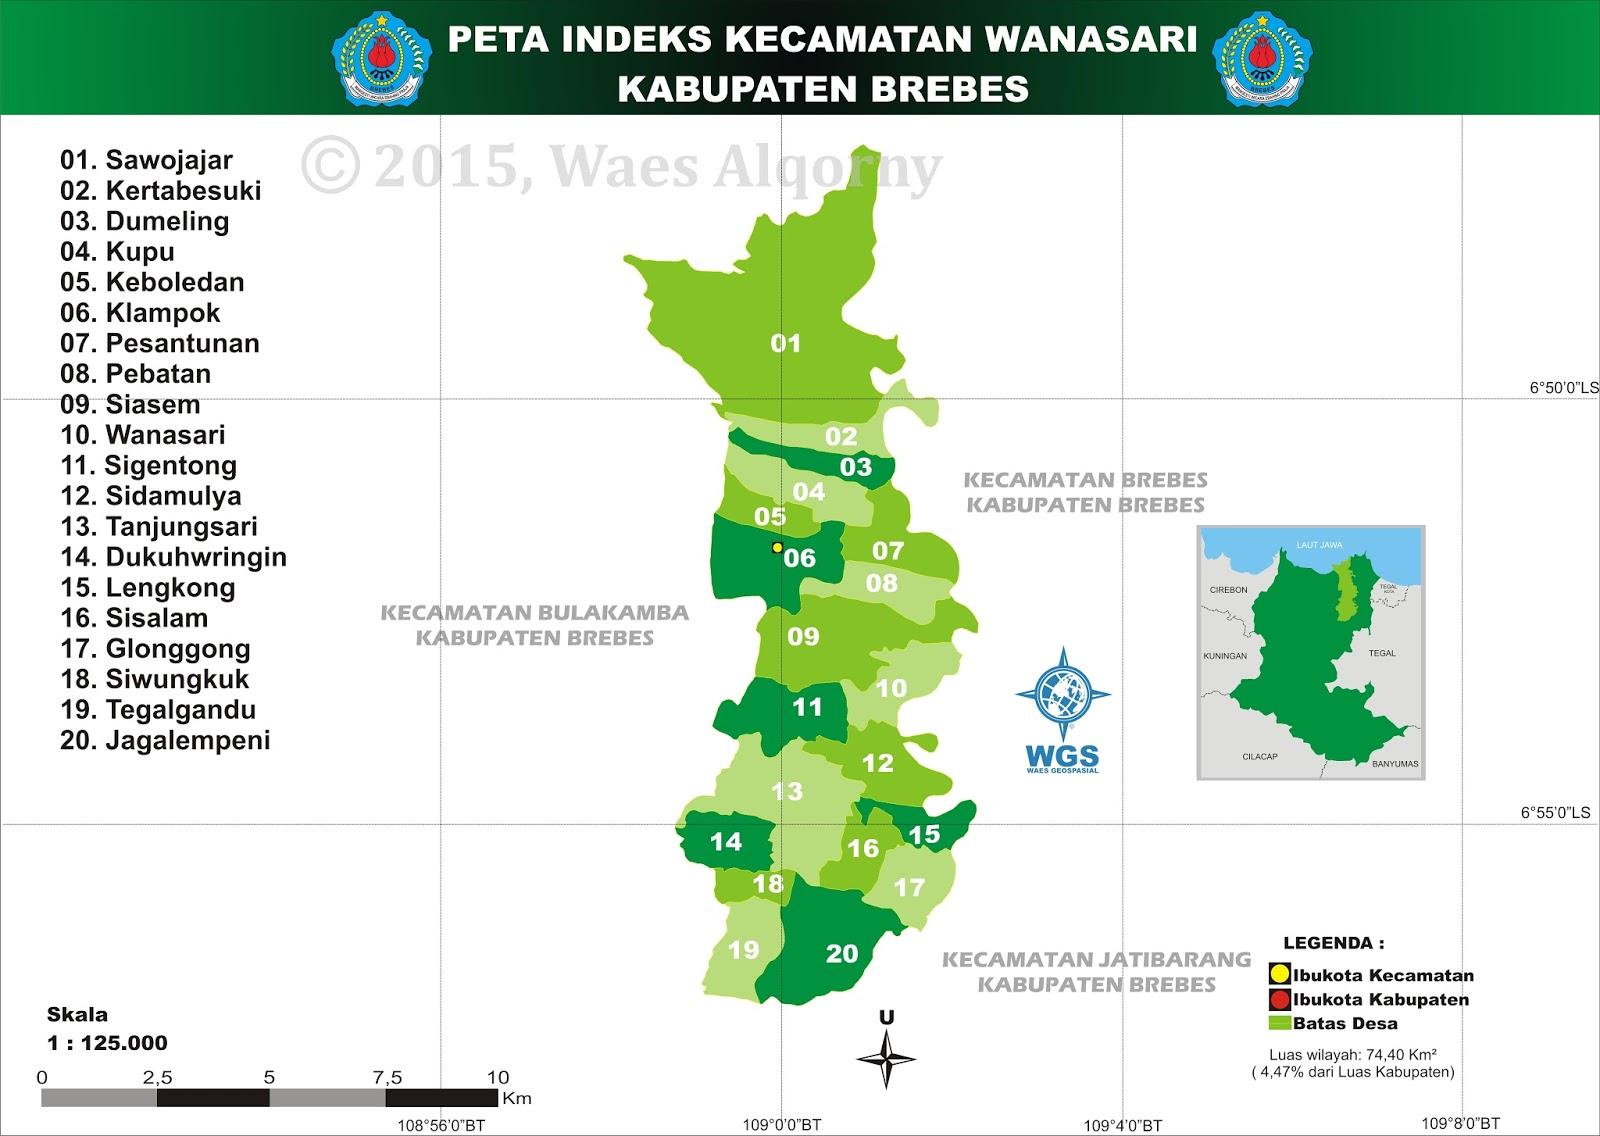 Peta Indeks Kecamatan Wanasari - Brebes - My Diary